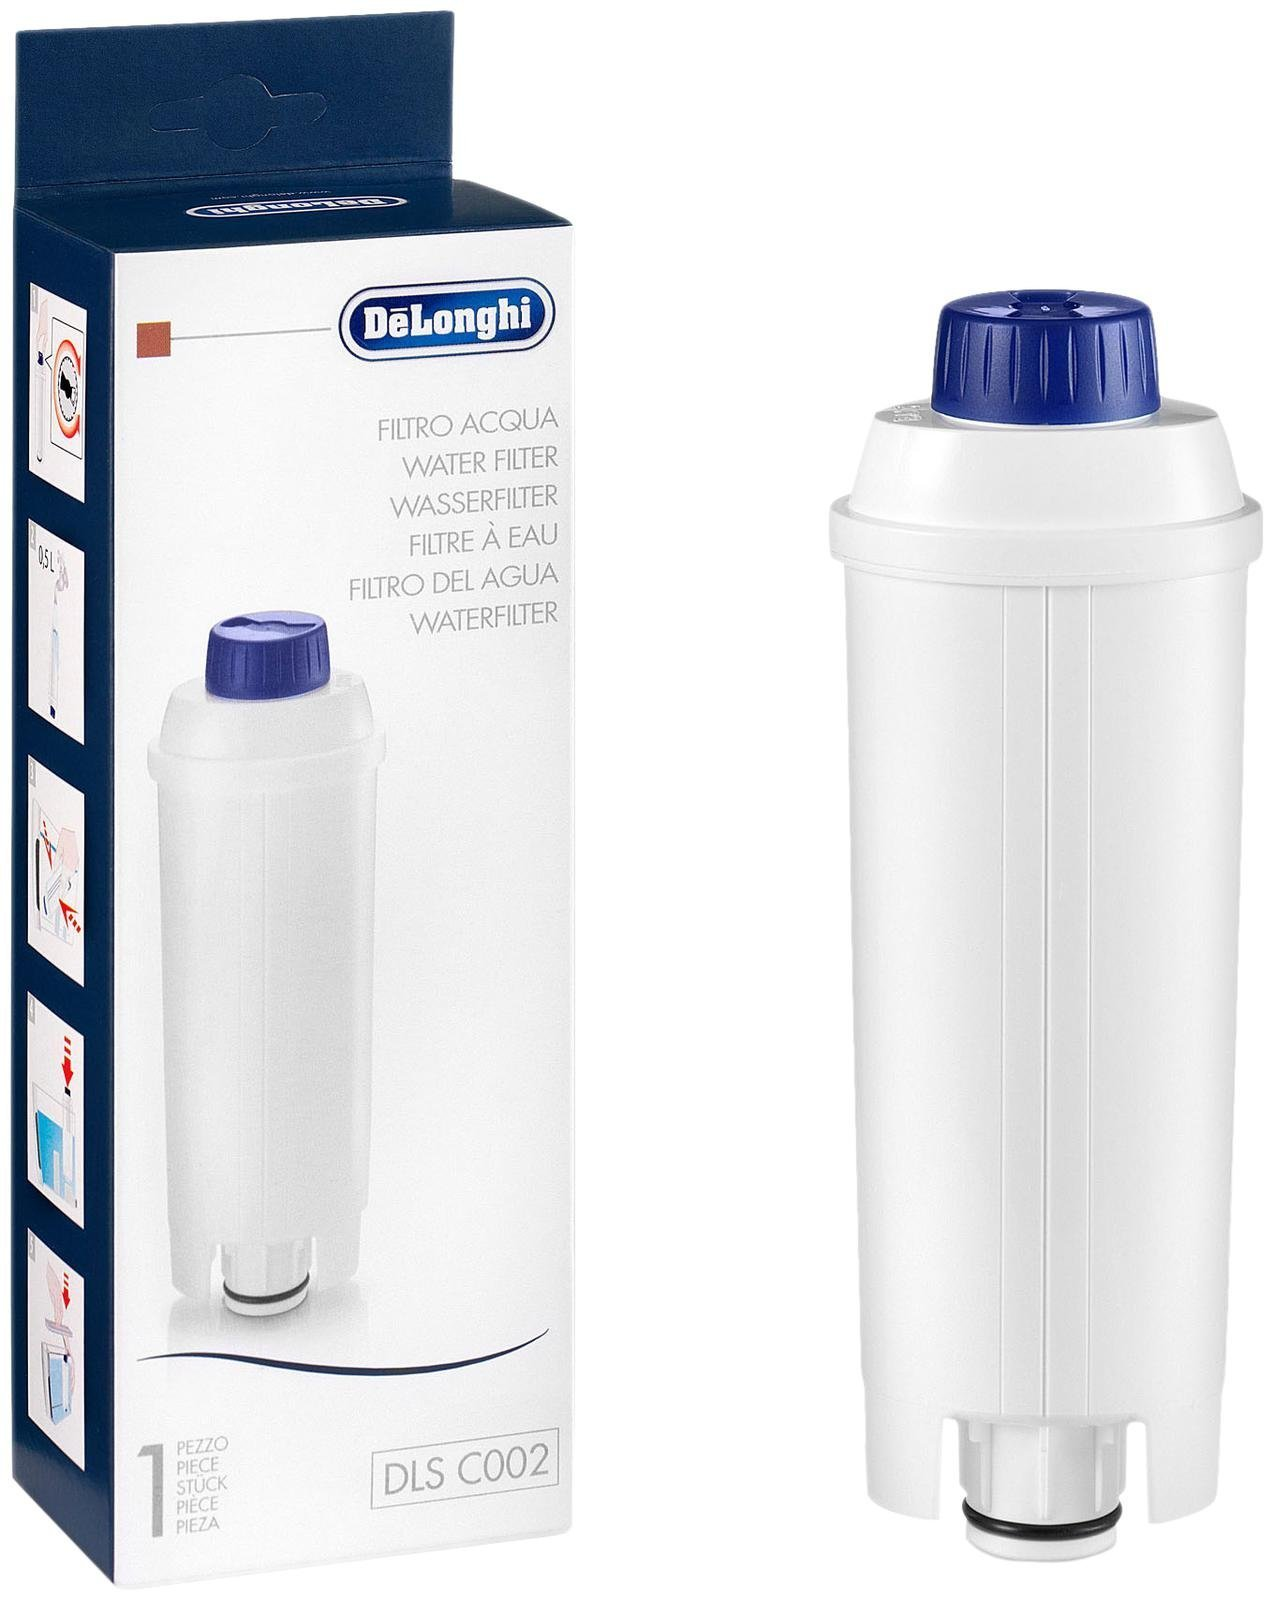 De'Longhi 5513292811 Water Filter